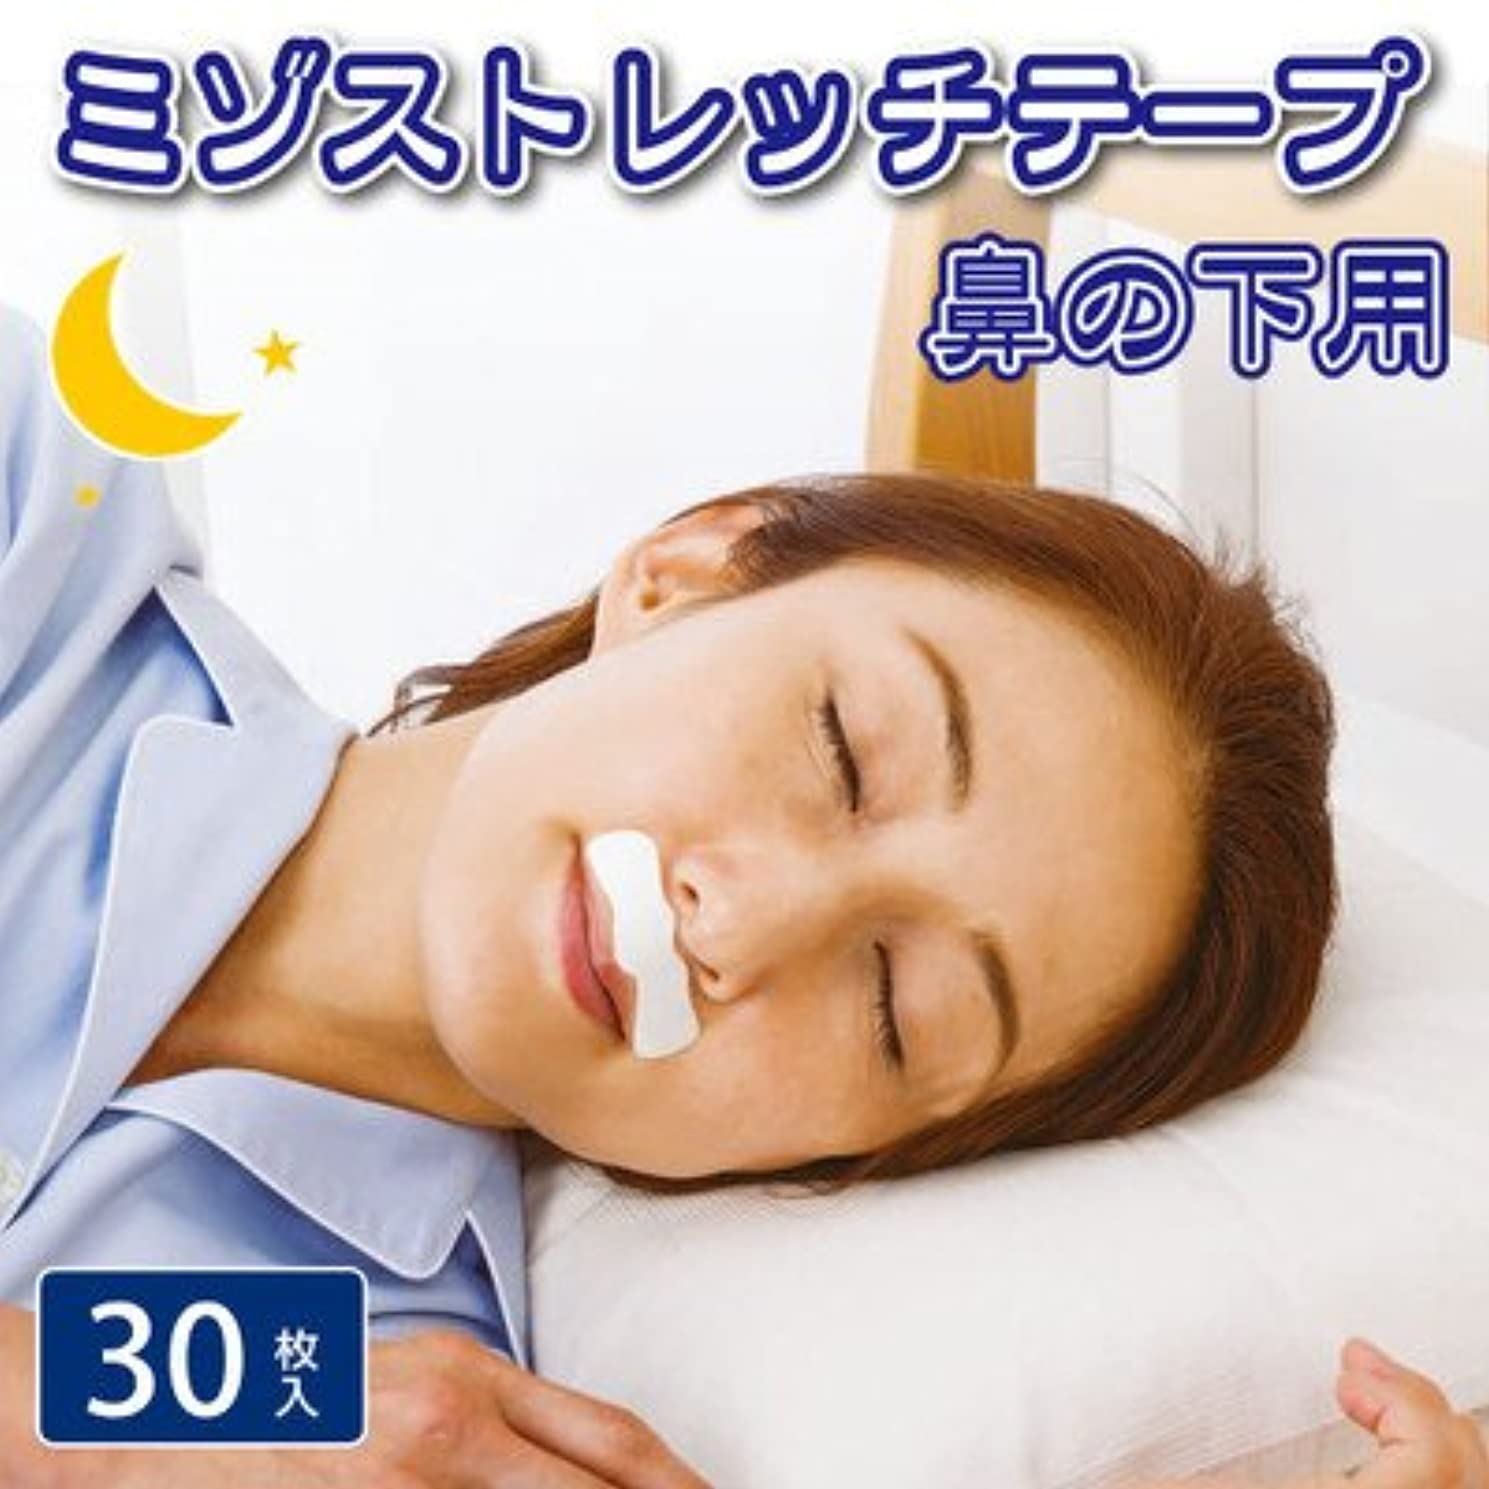 プロット引き出し福祉貼って寝るだけ 翌朝ピーン ミゾストレッチテープ 鼻の下用